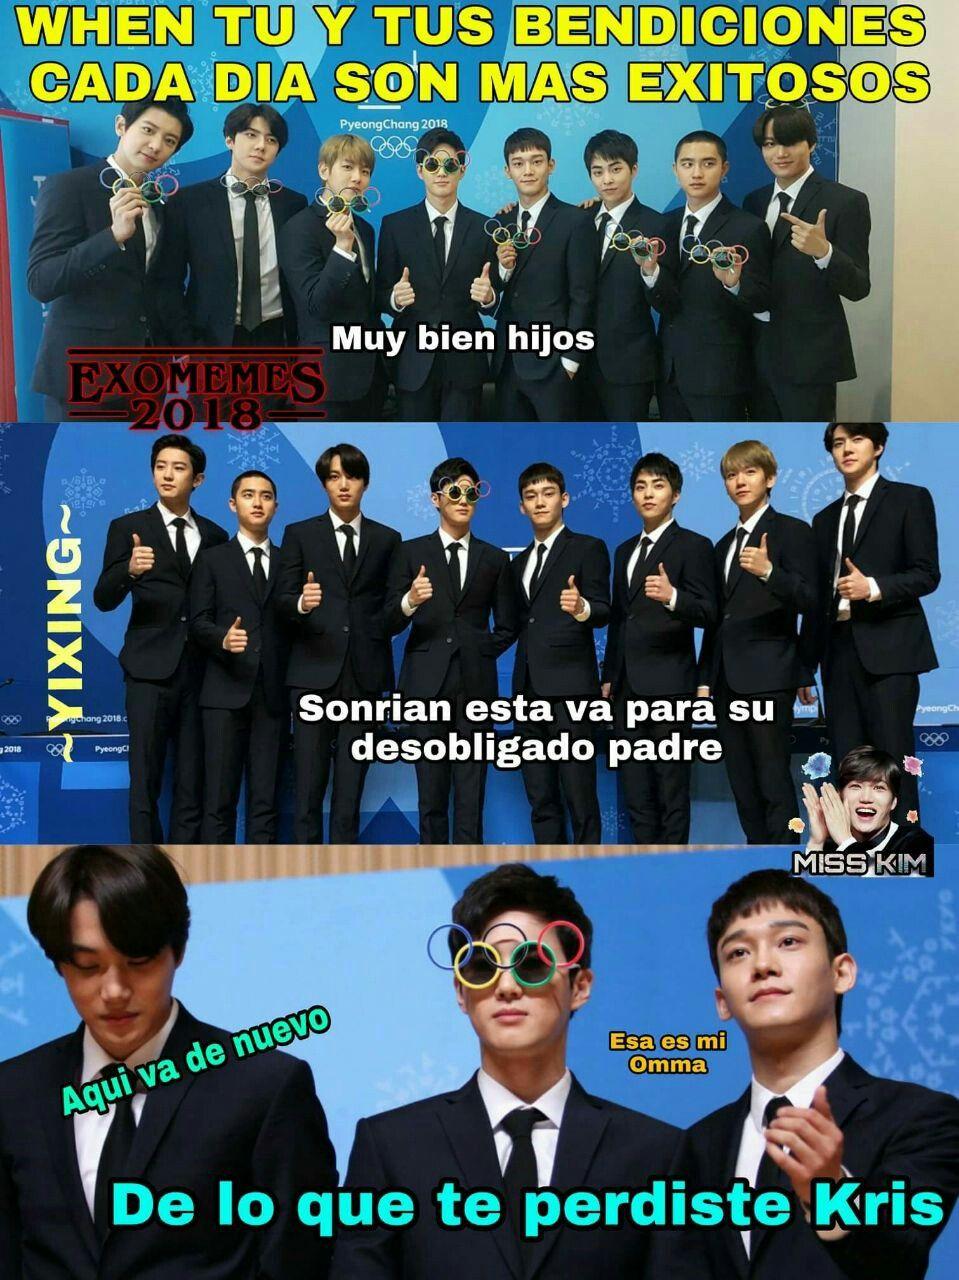 Pin De Narcissa Park En Memes Exo Memes Exo Memes Coreanos Memes Graciosos